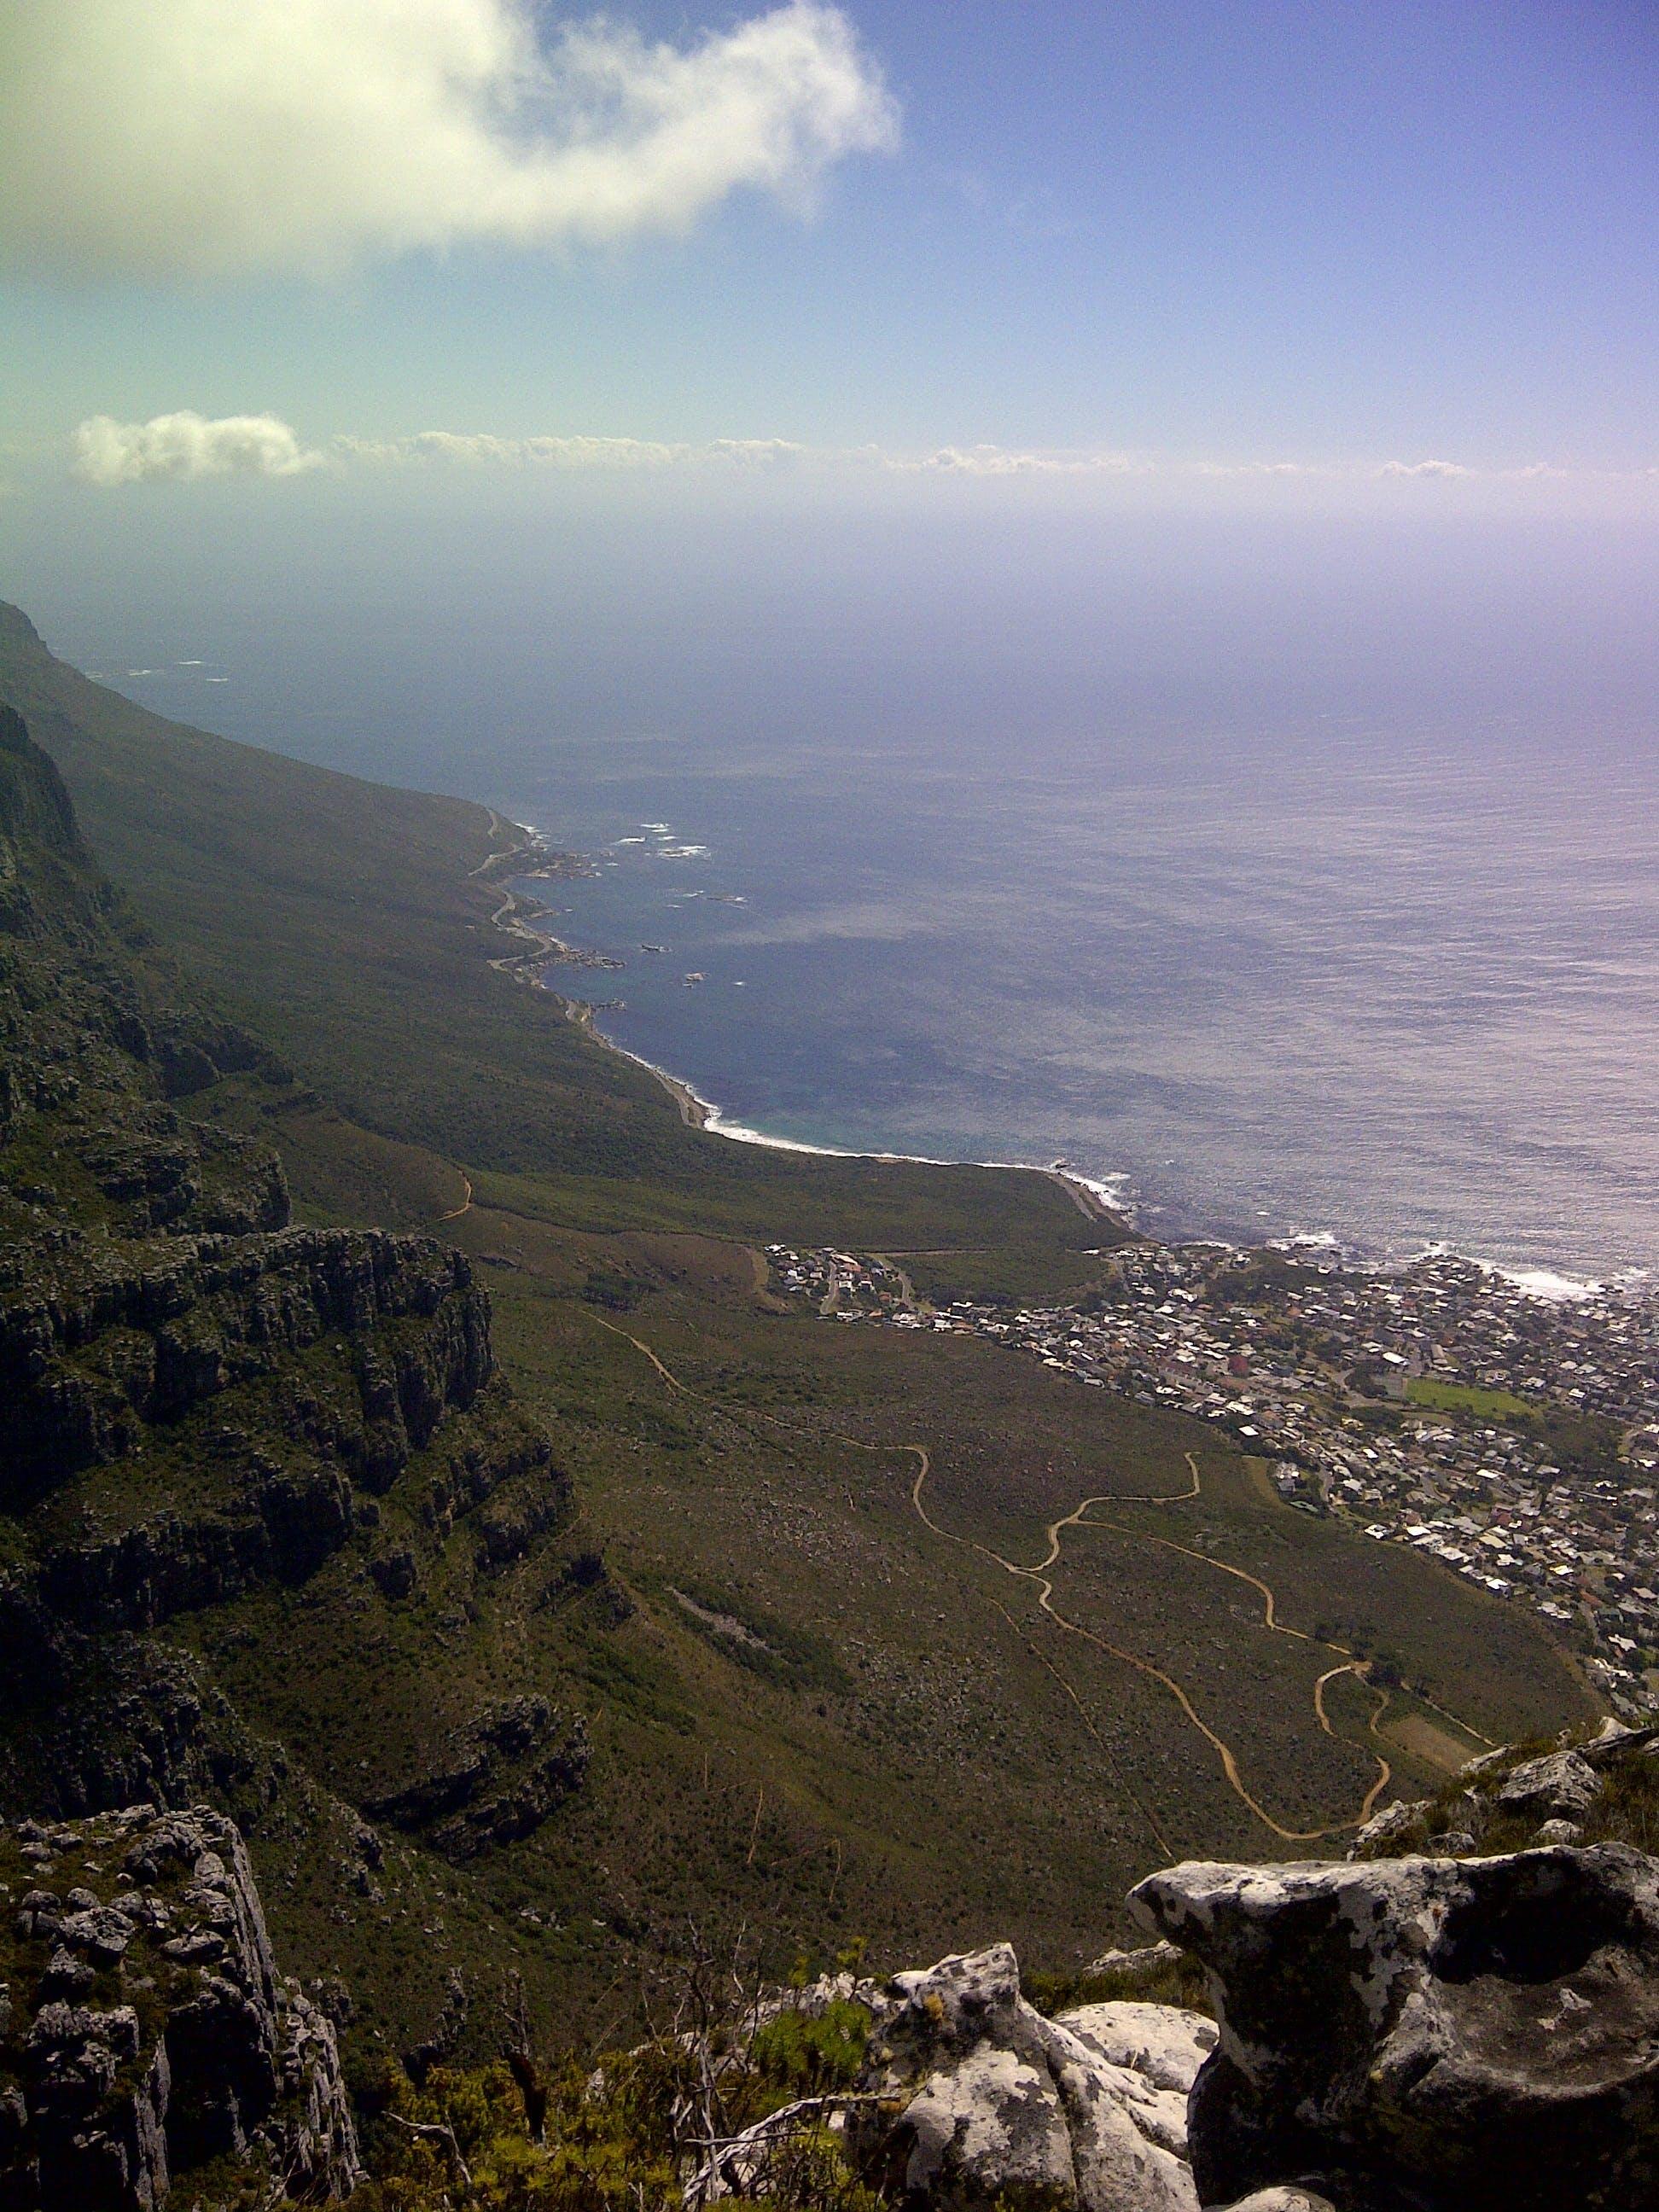 cliff, landscape, mountain